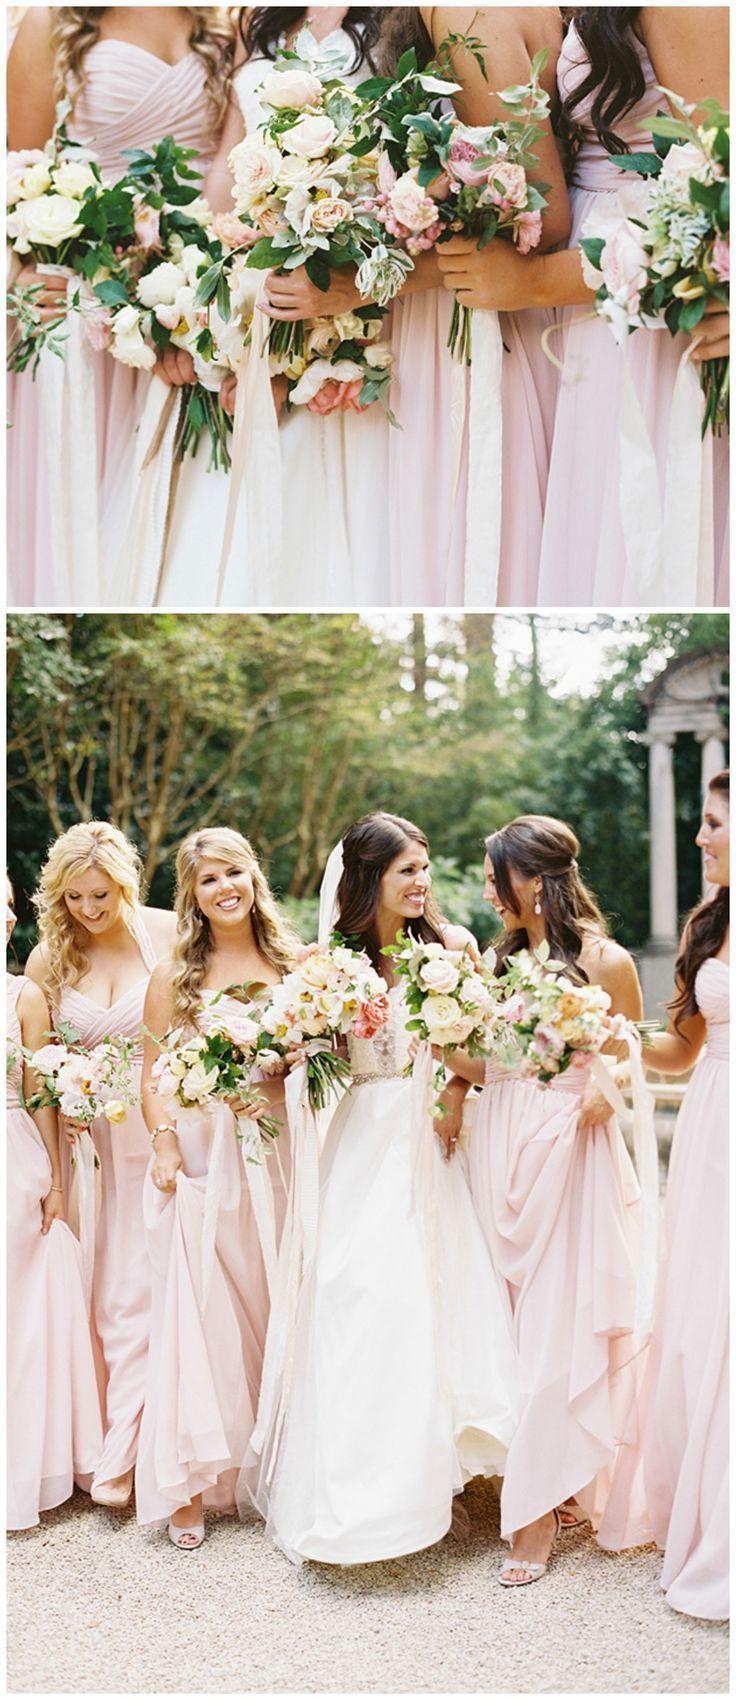 Beautiful long chiffon mix and match bridesmaid dresses in blush beautiful long chiffon mix and match bridesmaid dresses in blush kennedy blue bridesmaids ombrellifo Images